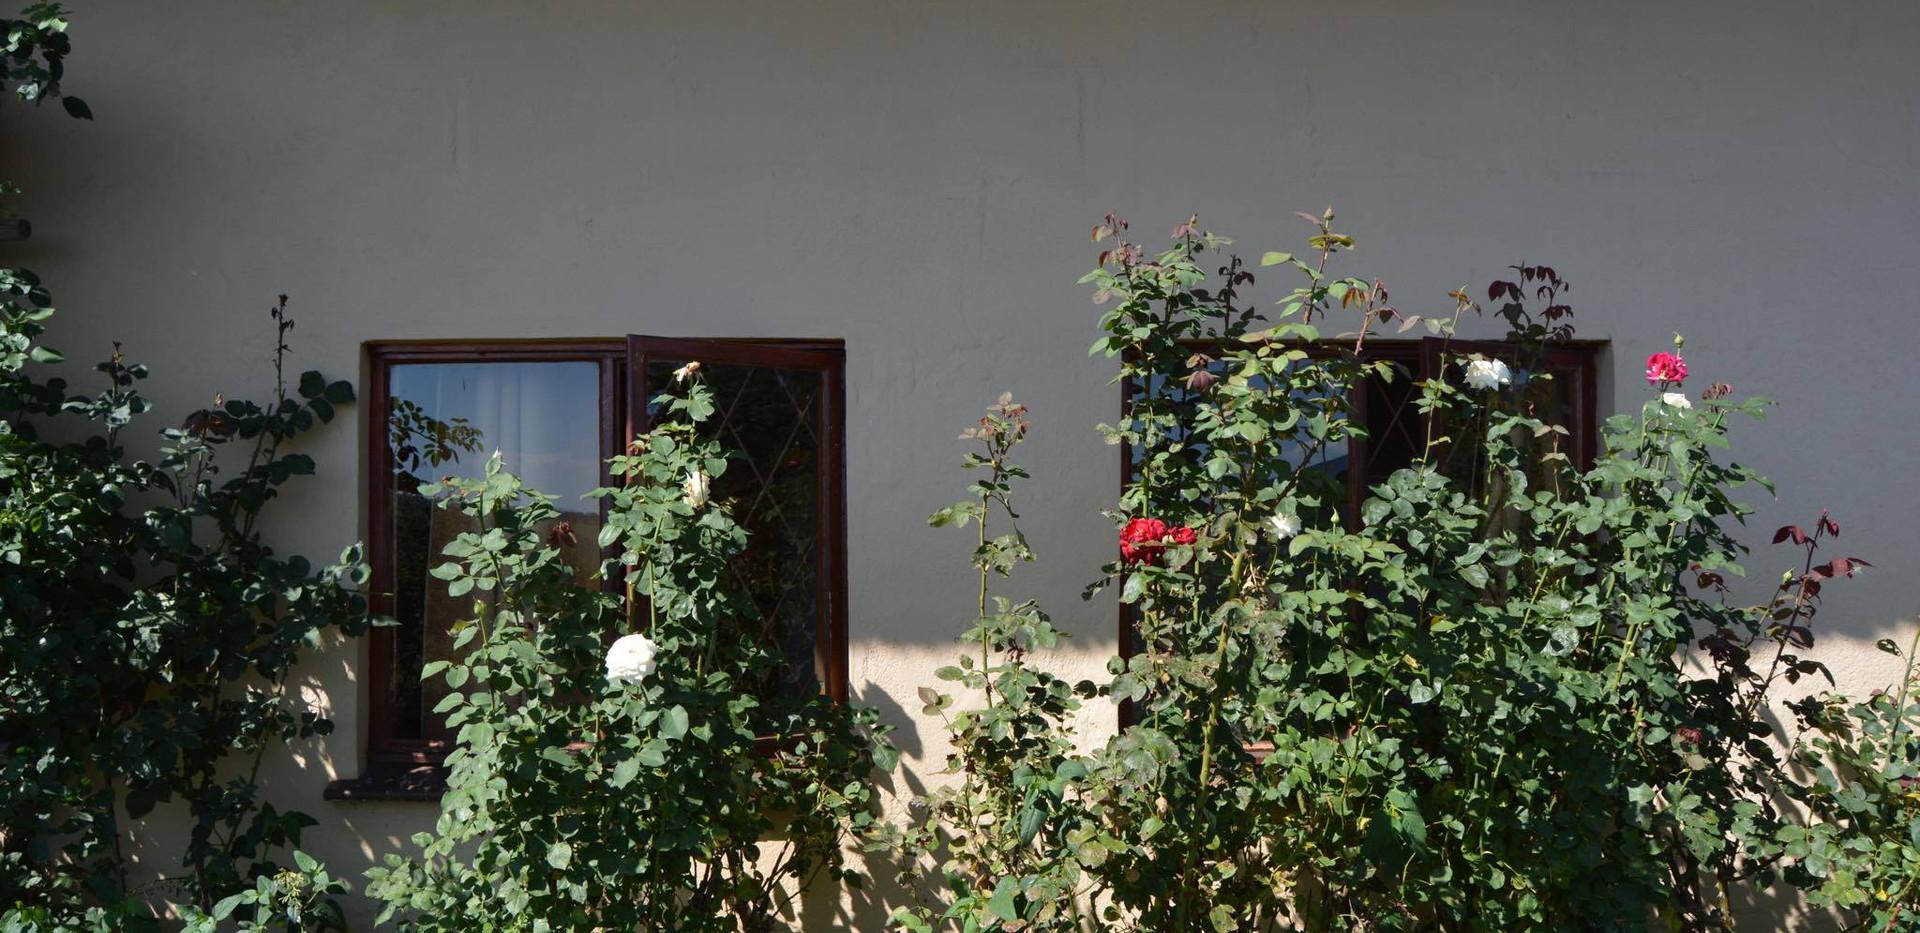 Downstairs bedroom windows